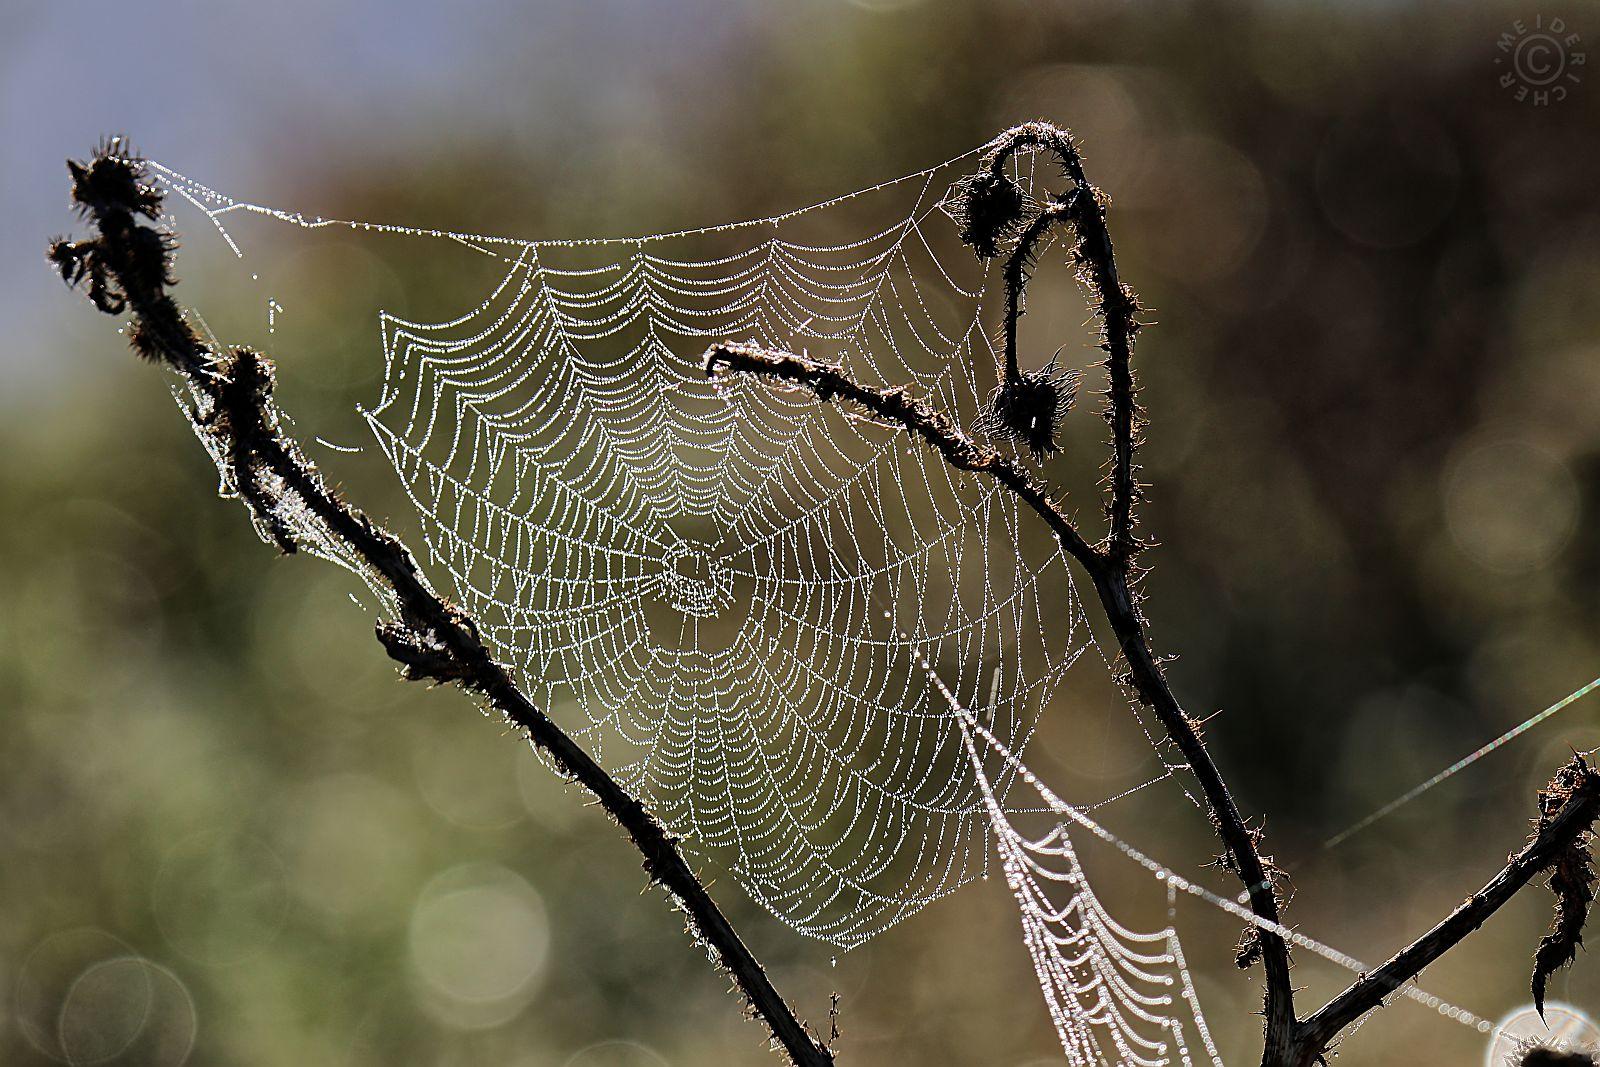 Spinnweben im Herbst 516